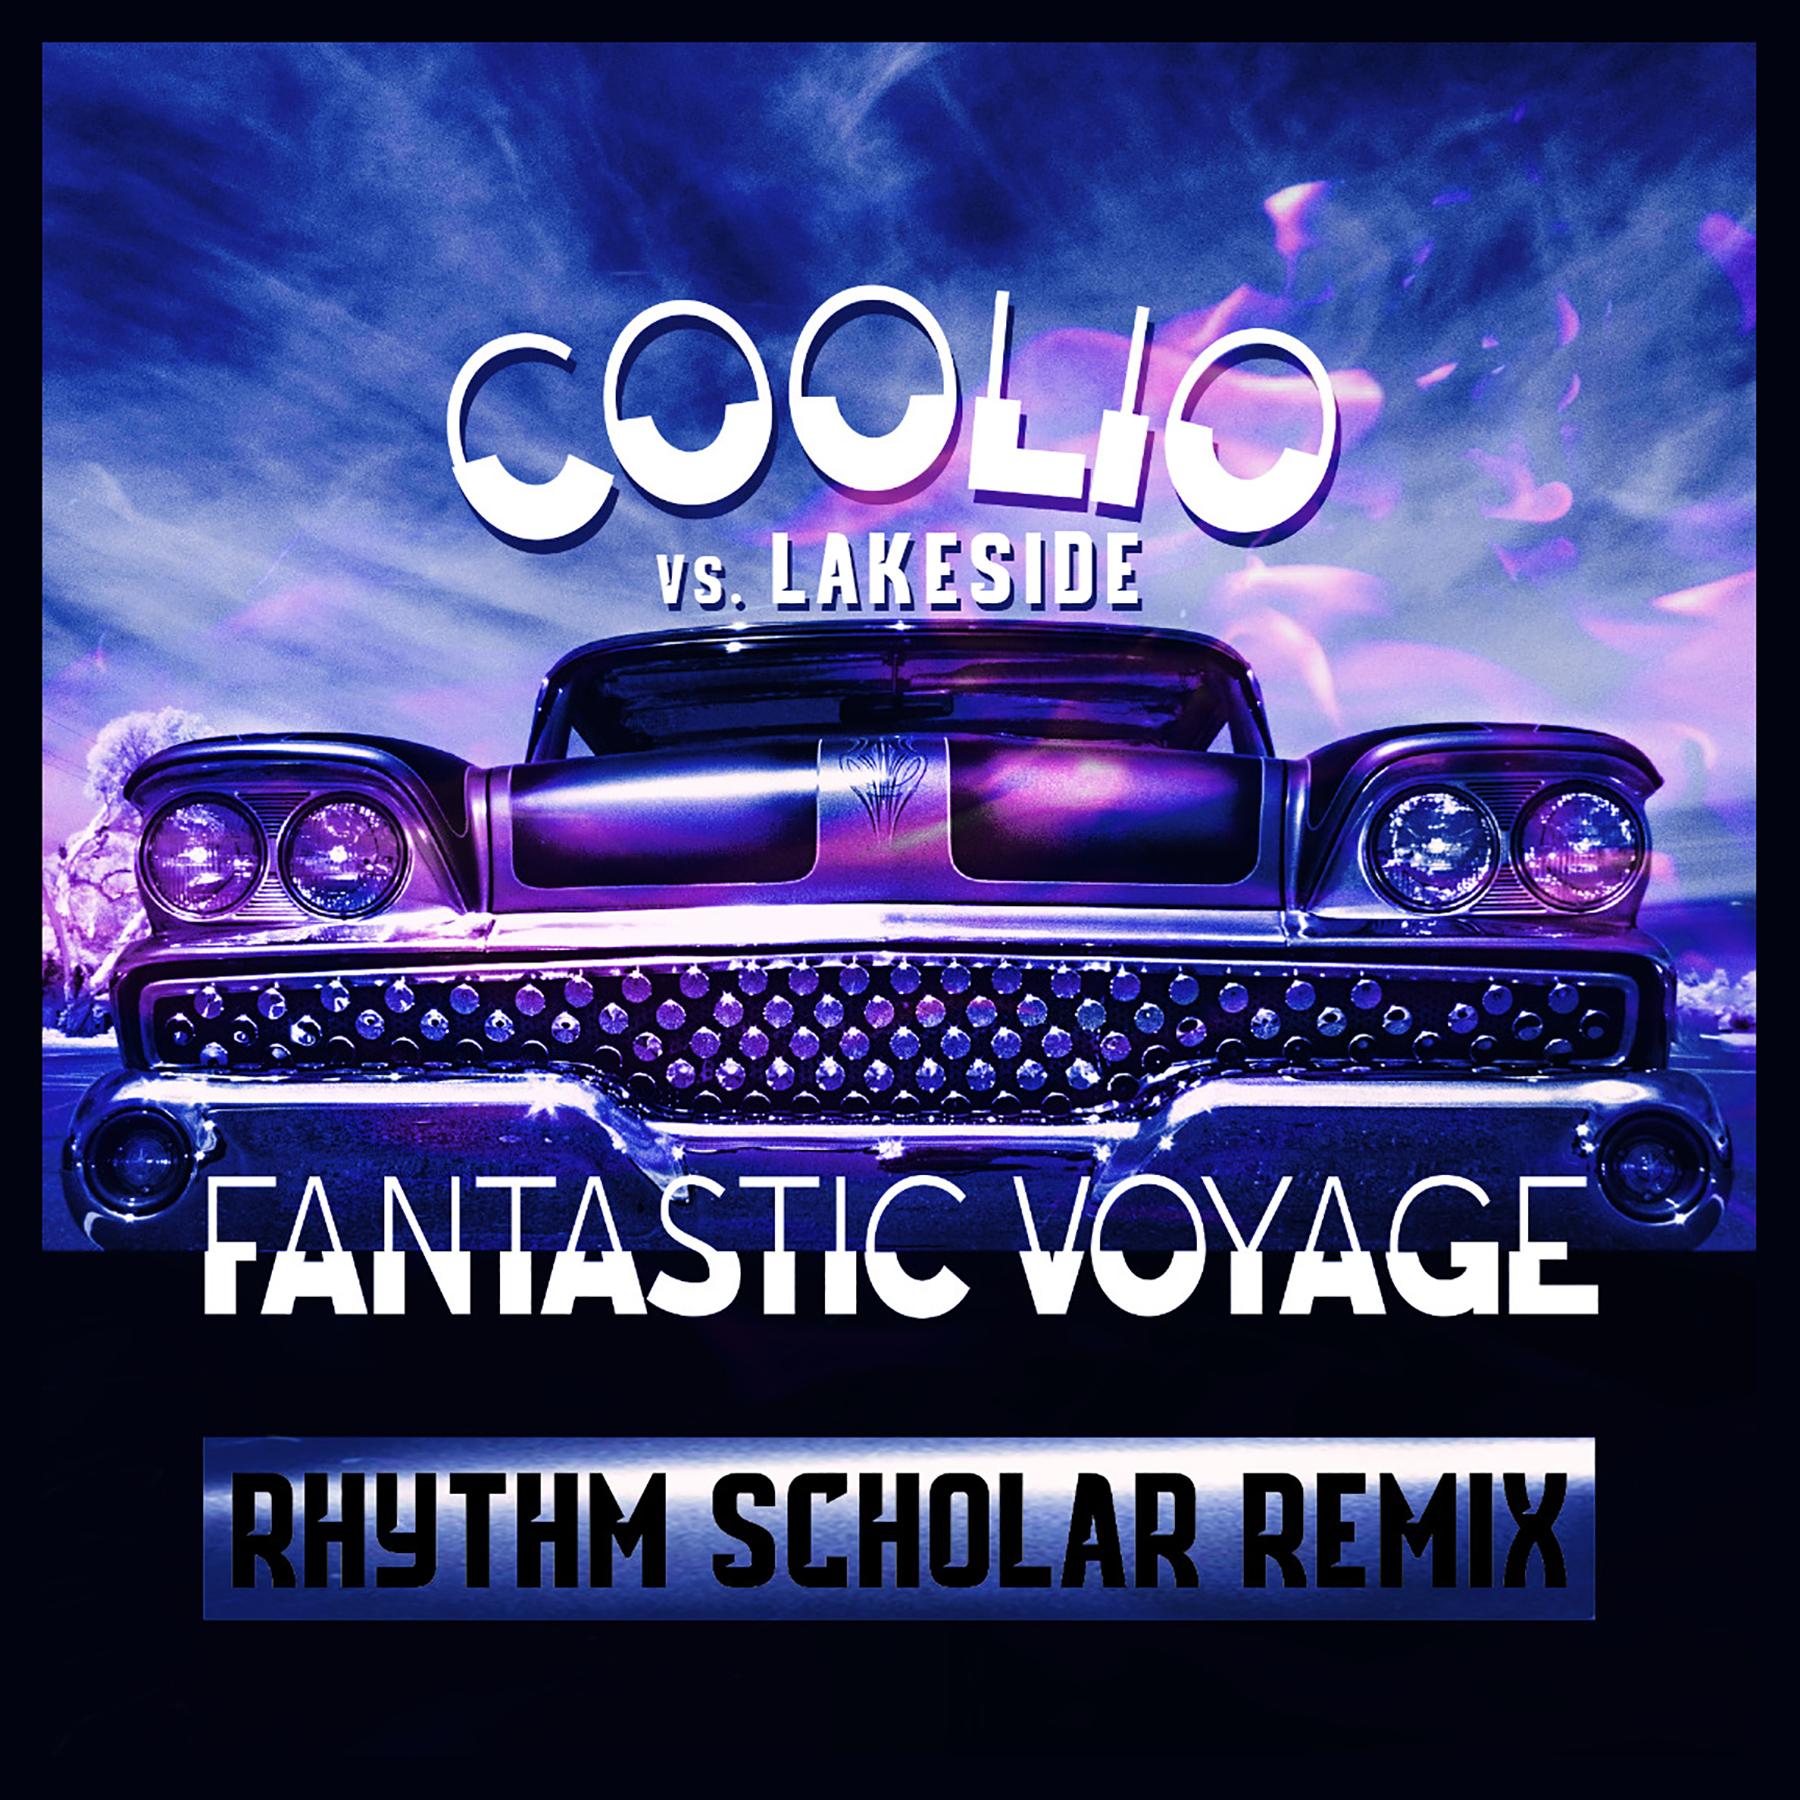 Fantastic voyage coolio